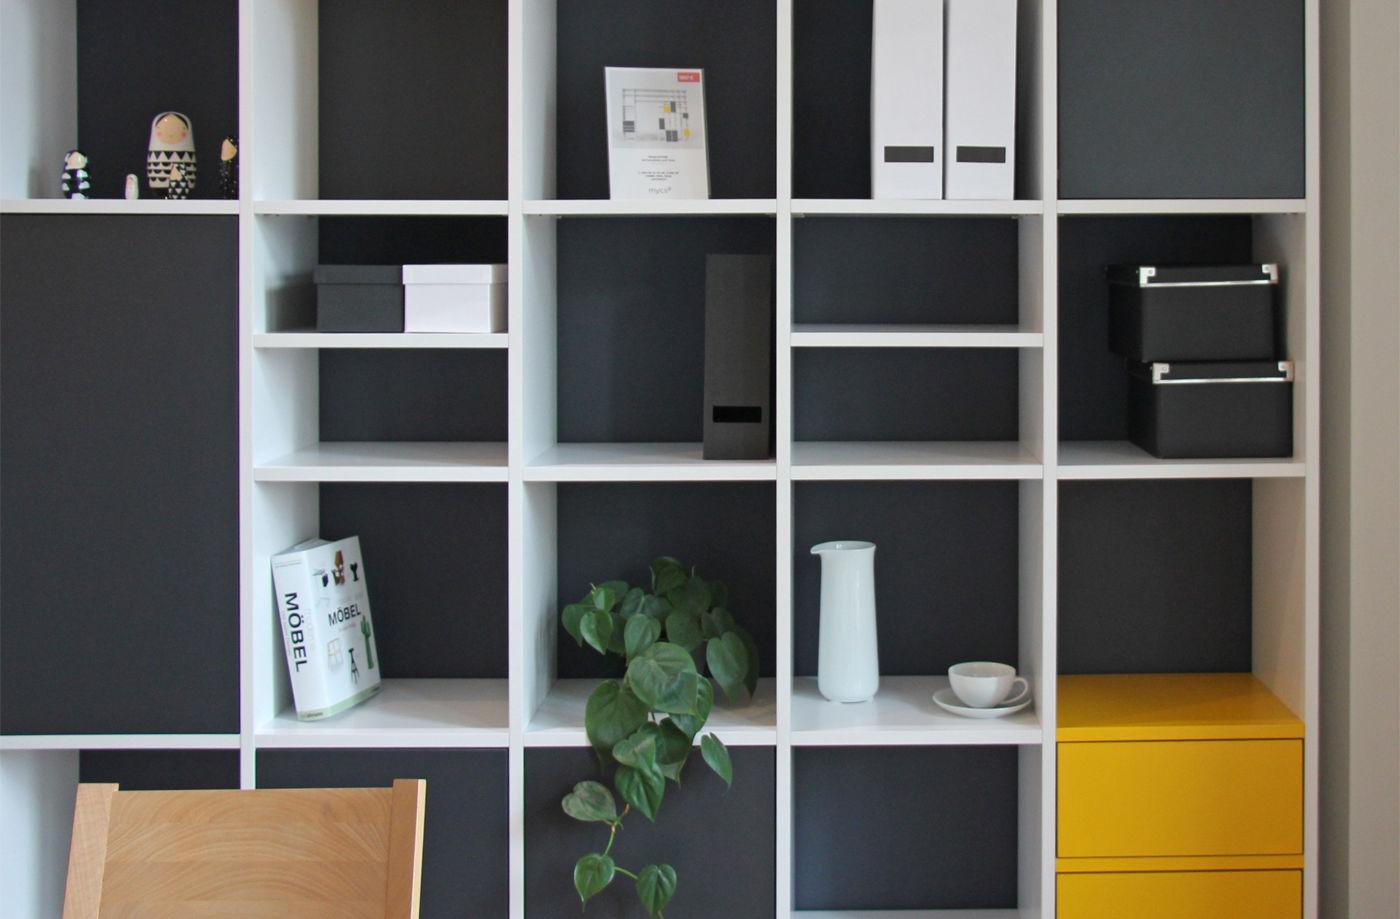 artikel anneliwest berlin. Black Bedroom Furniture Sets. Home Design Ideas